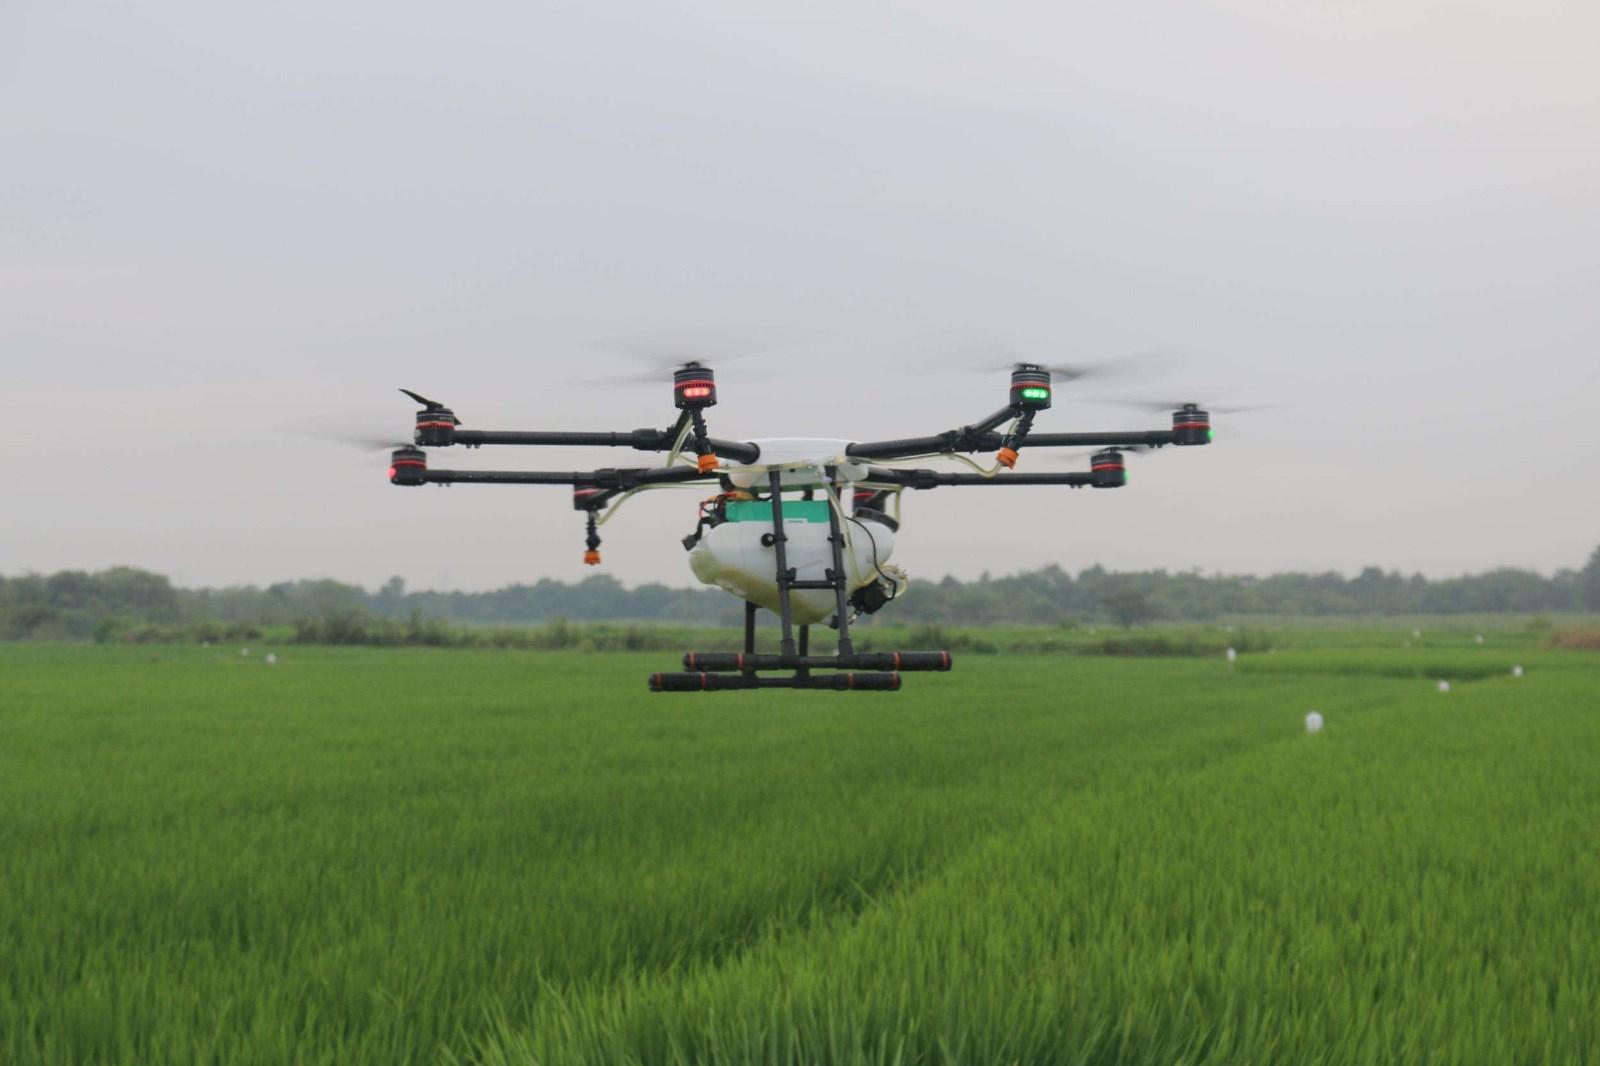 广东省关于报送2018年农机购置补贴产品(第四批)(植保无人飞机)归档信息的通知